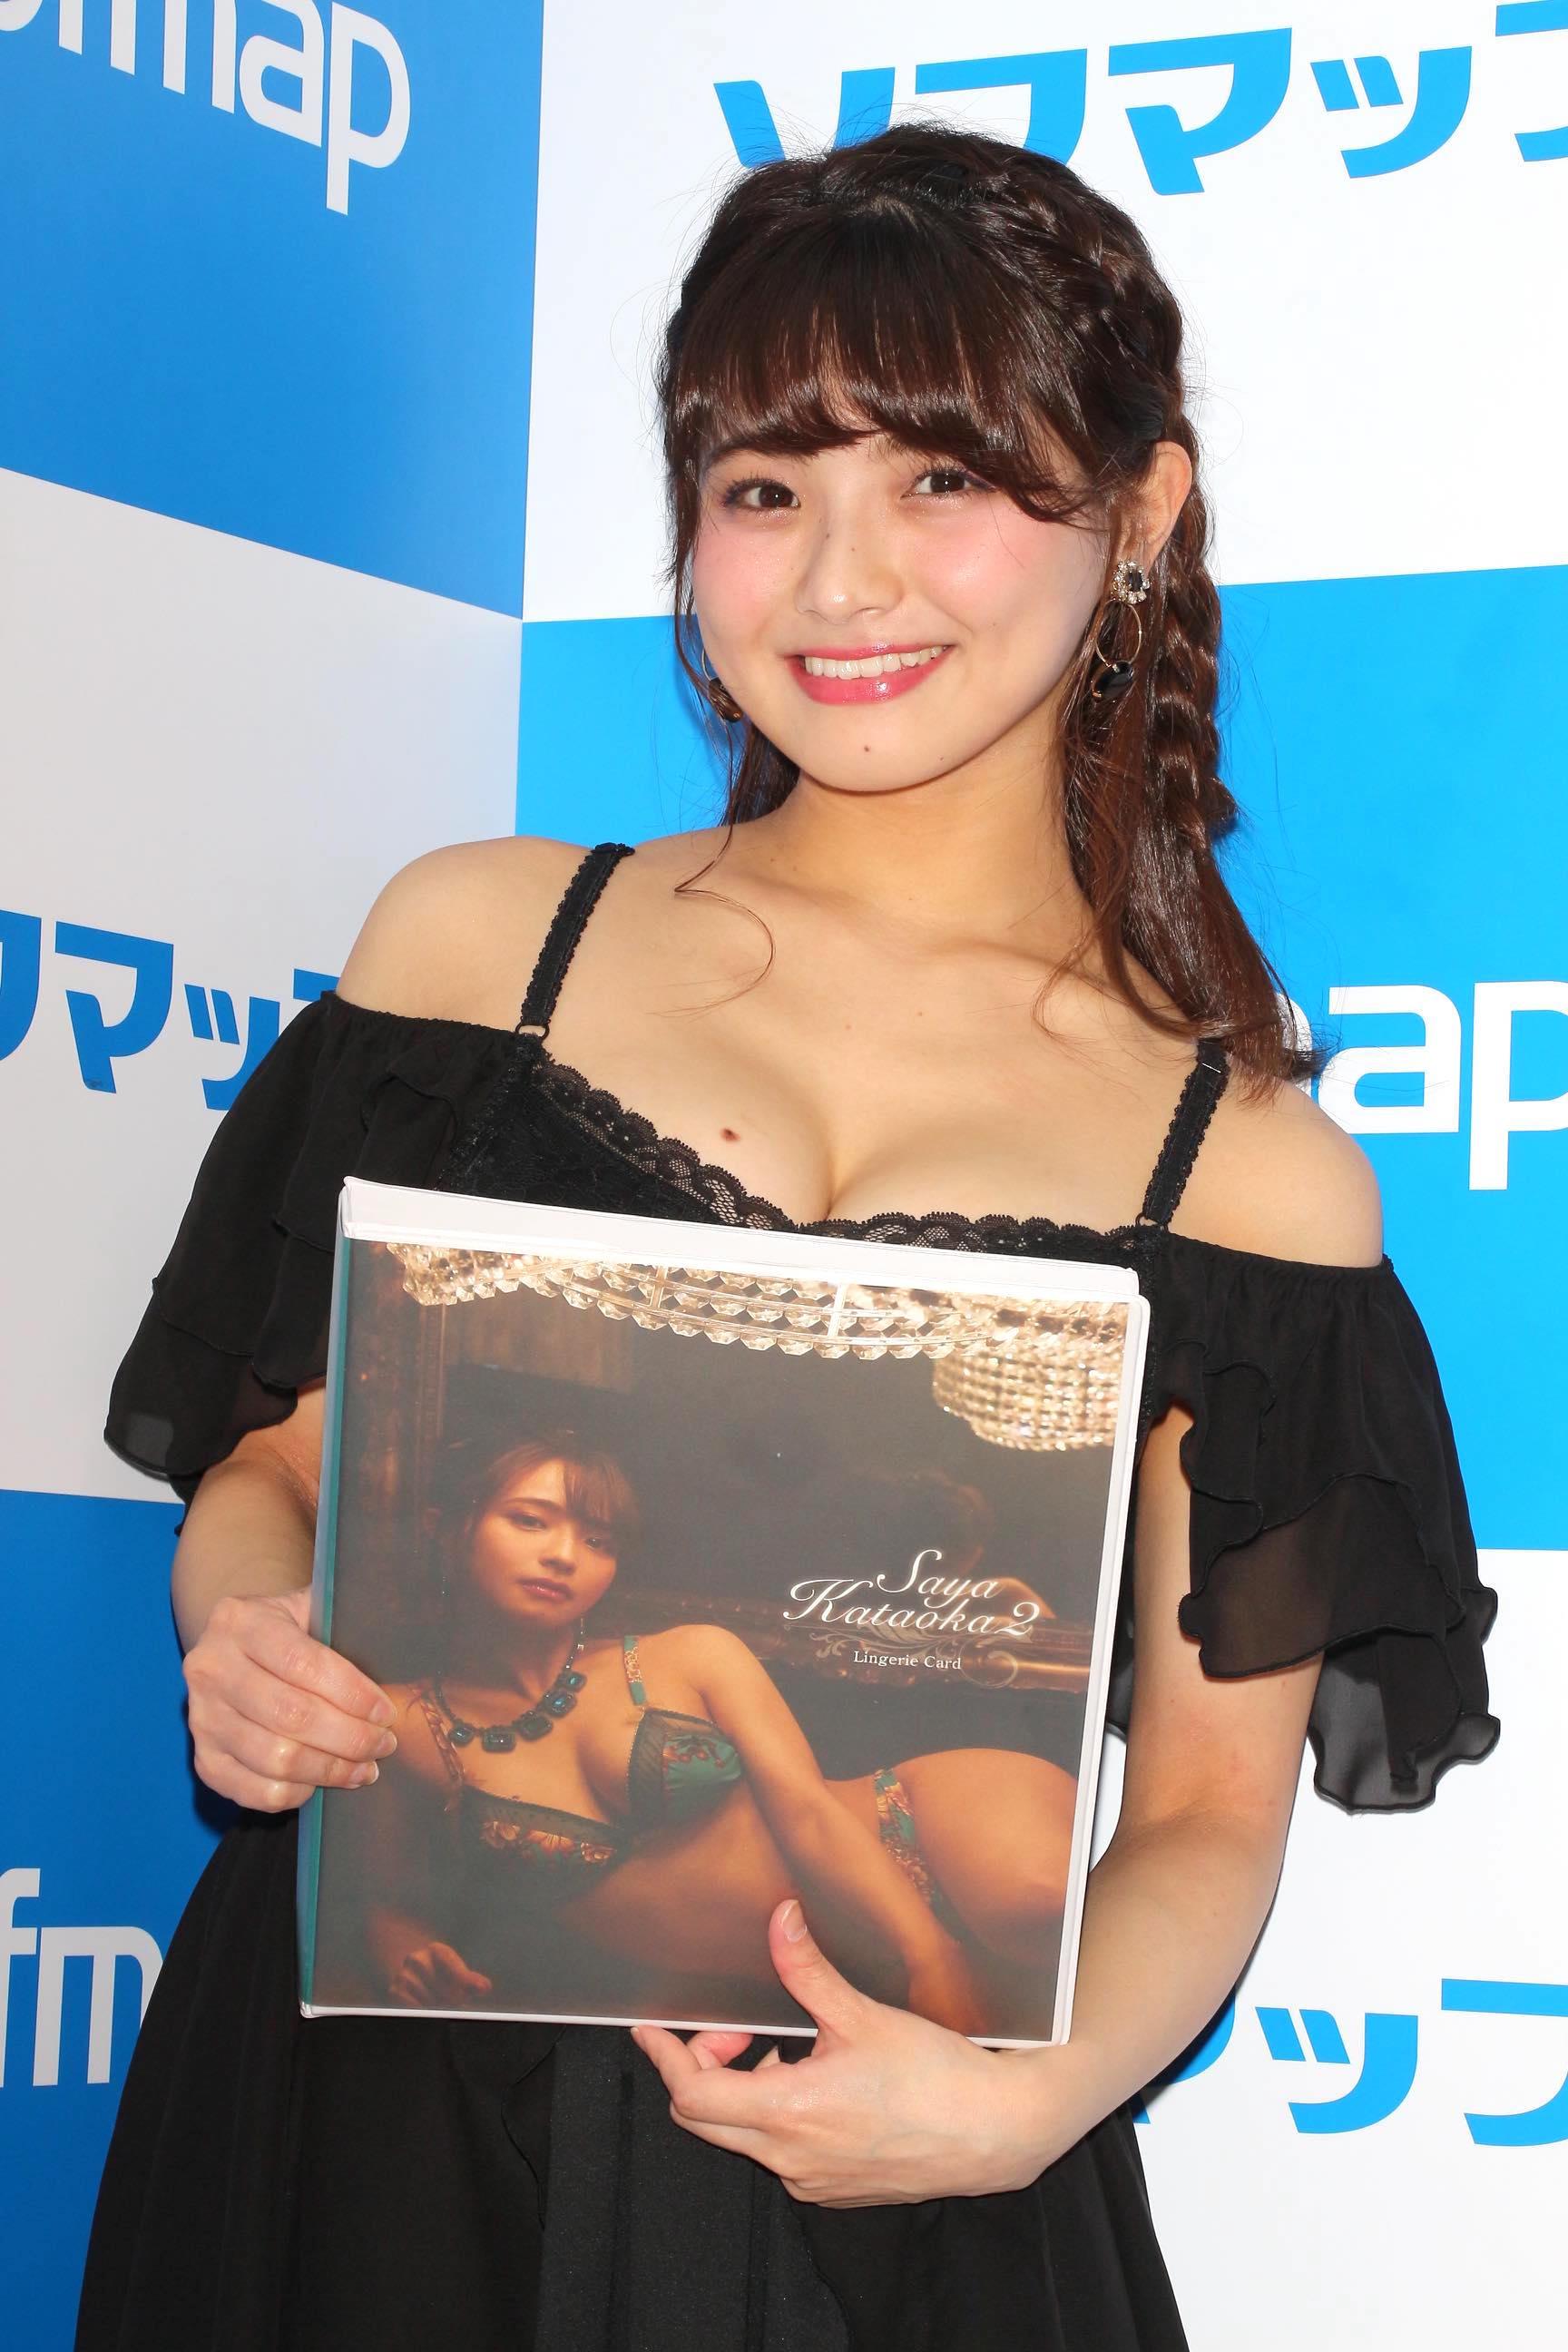 片岡沙耶「全部ランジェリー」こだわりのトレカが発売!【写真34枚】の画像025